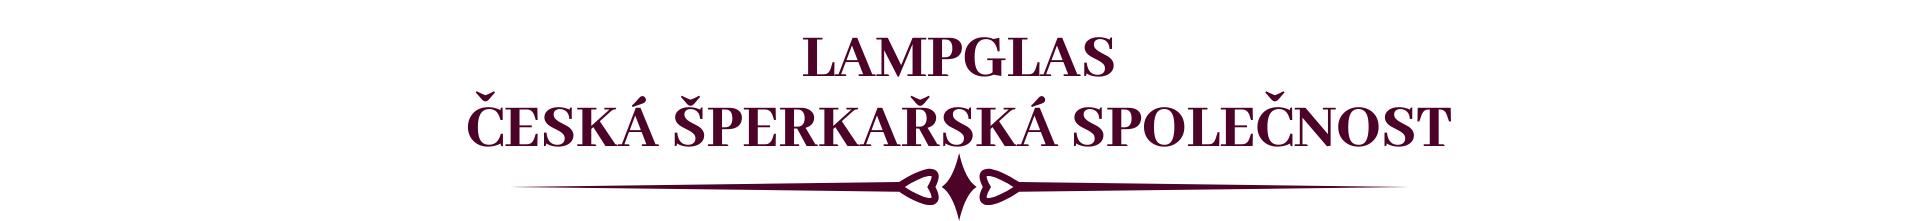 lampglas_sperkarska_spolecnost